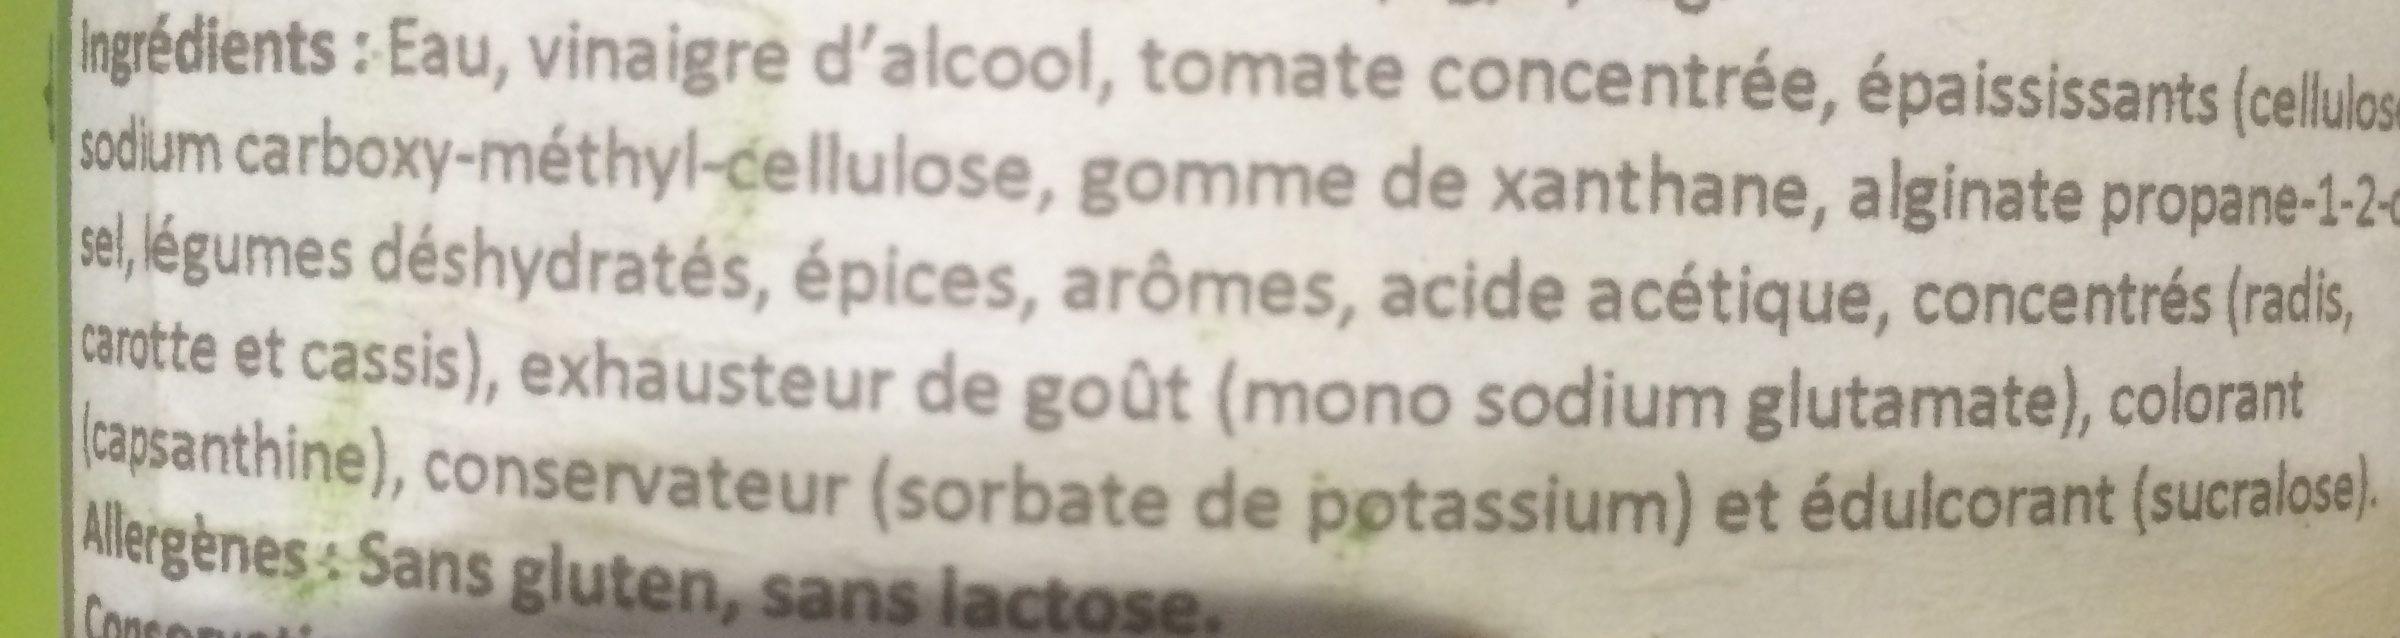 Sauce Bolognaise Italienne Care Free - Ingrédients